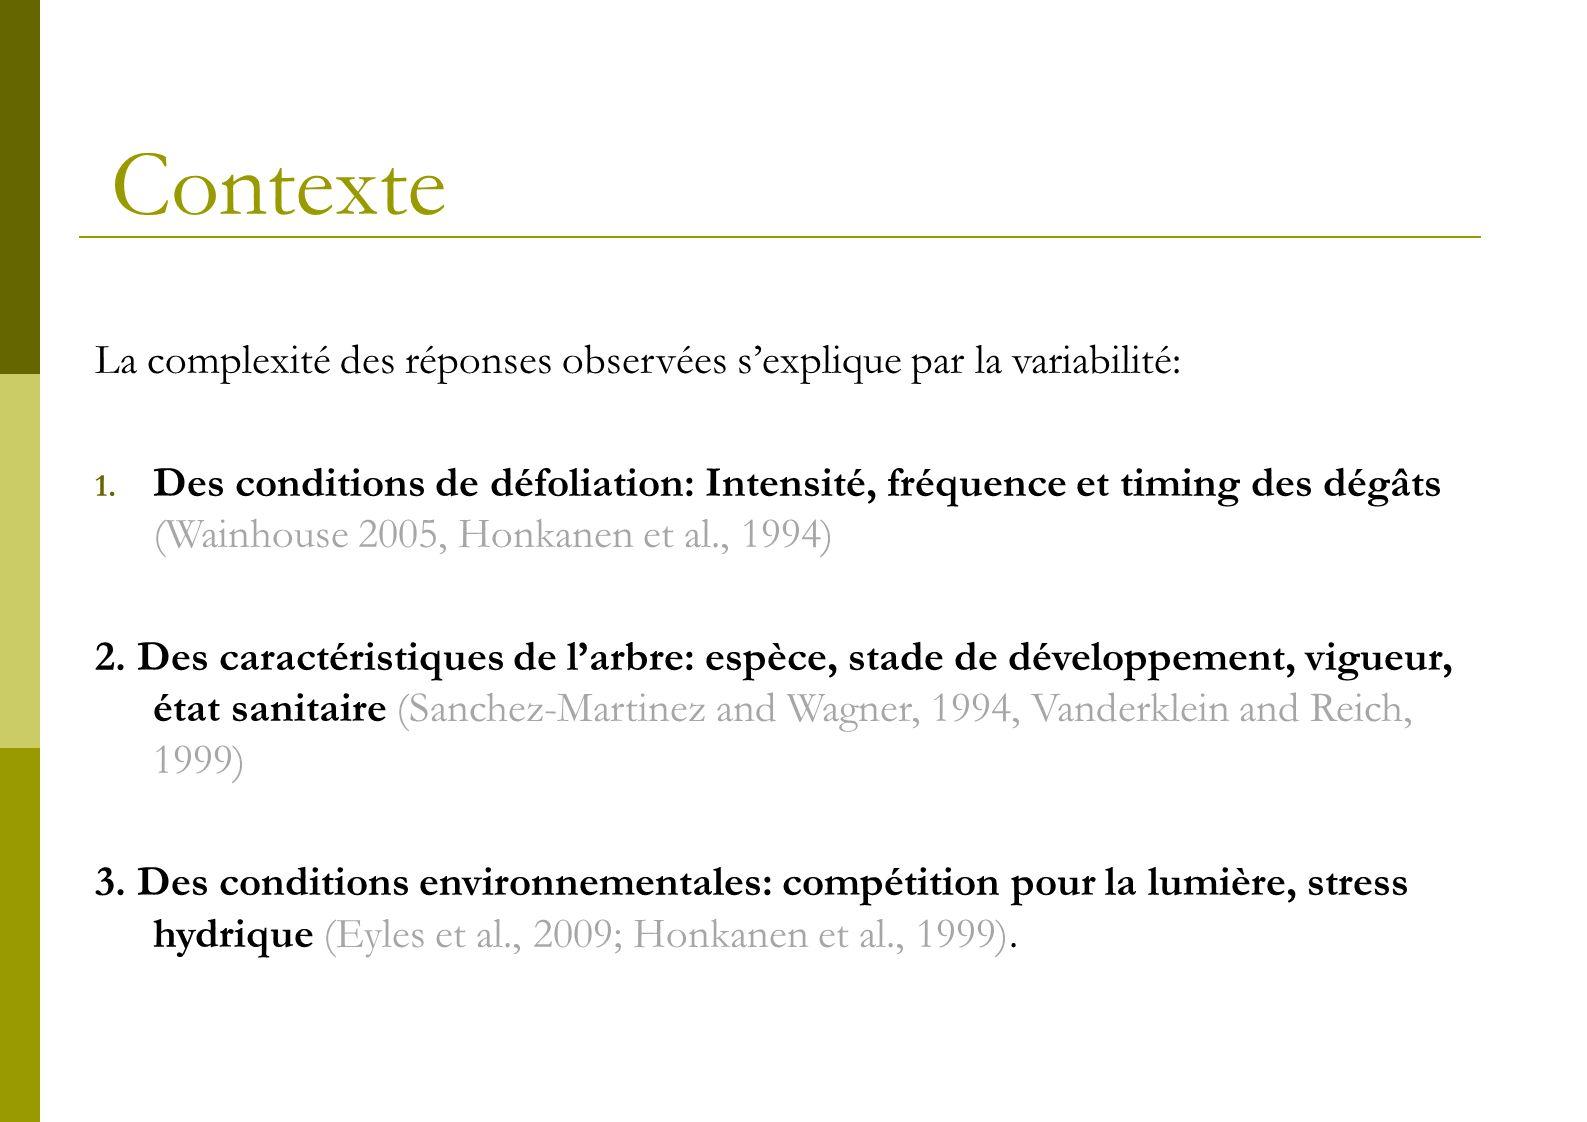 ContexteLa complexité des réponses observées s'explique par la variabilité: